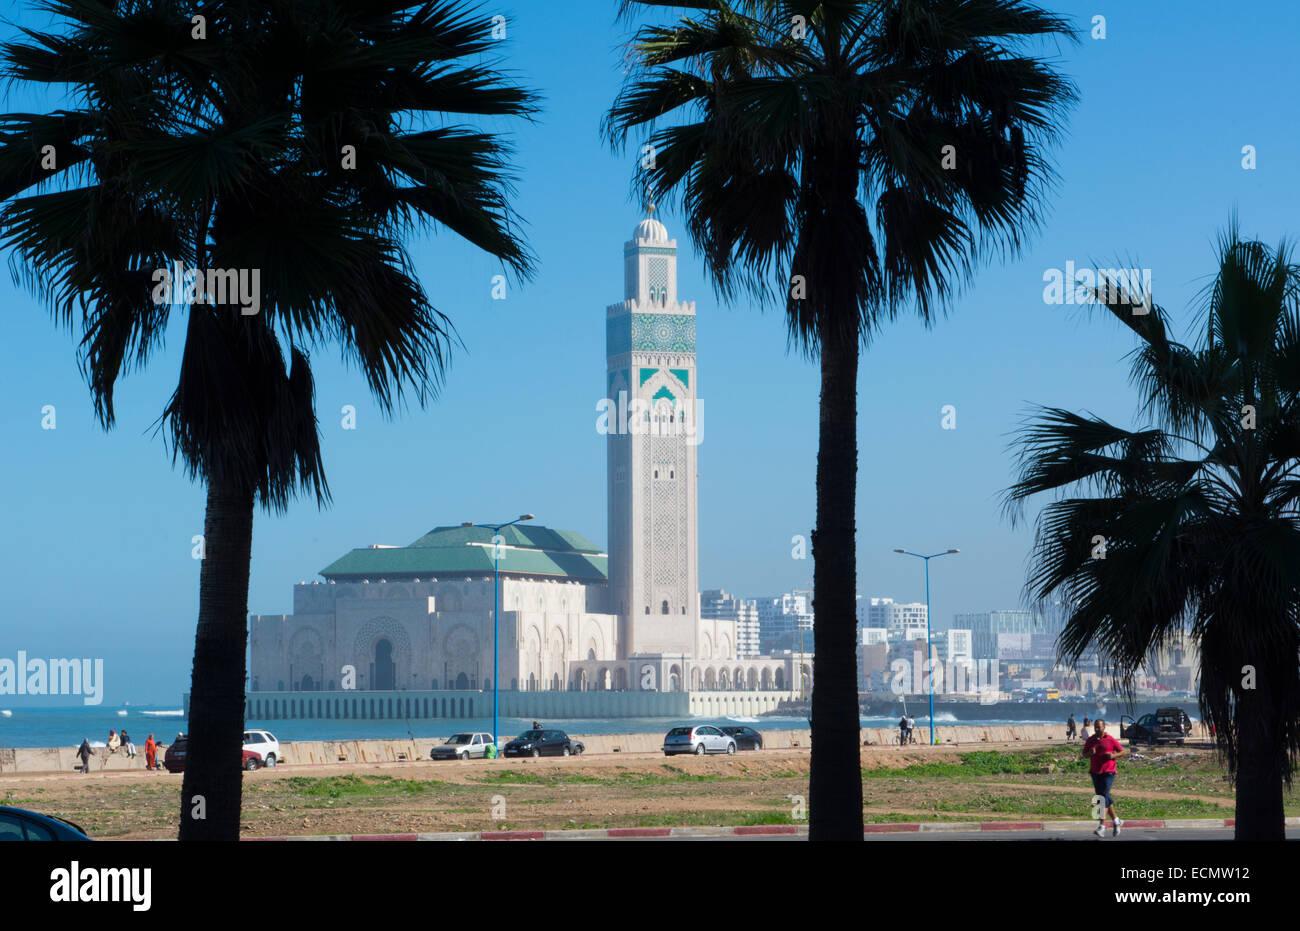 Casablanca Marocco esterno famosa Hassen II moschea più grande moschea in Marocco e il settimo più grande Immagini Stock